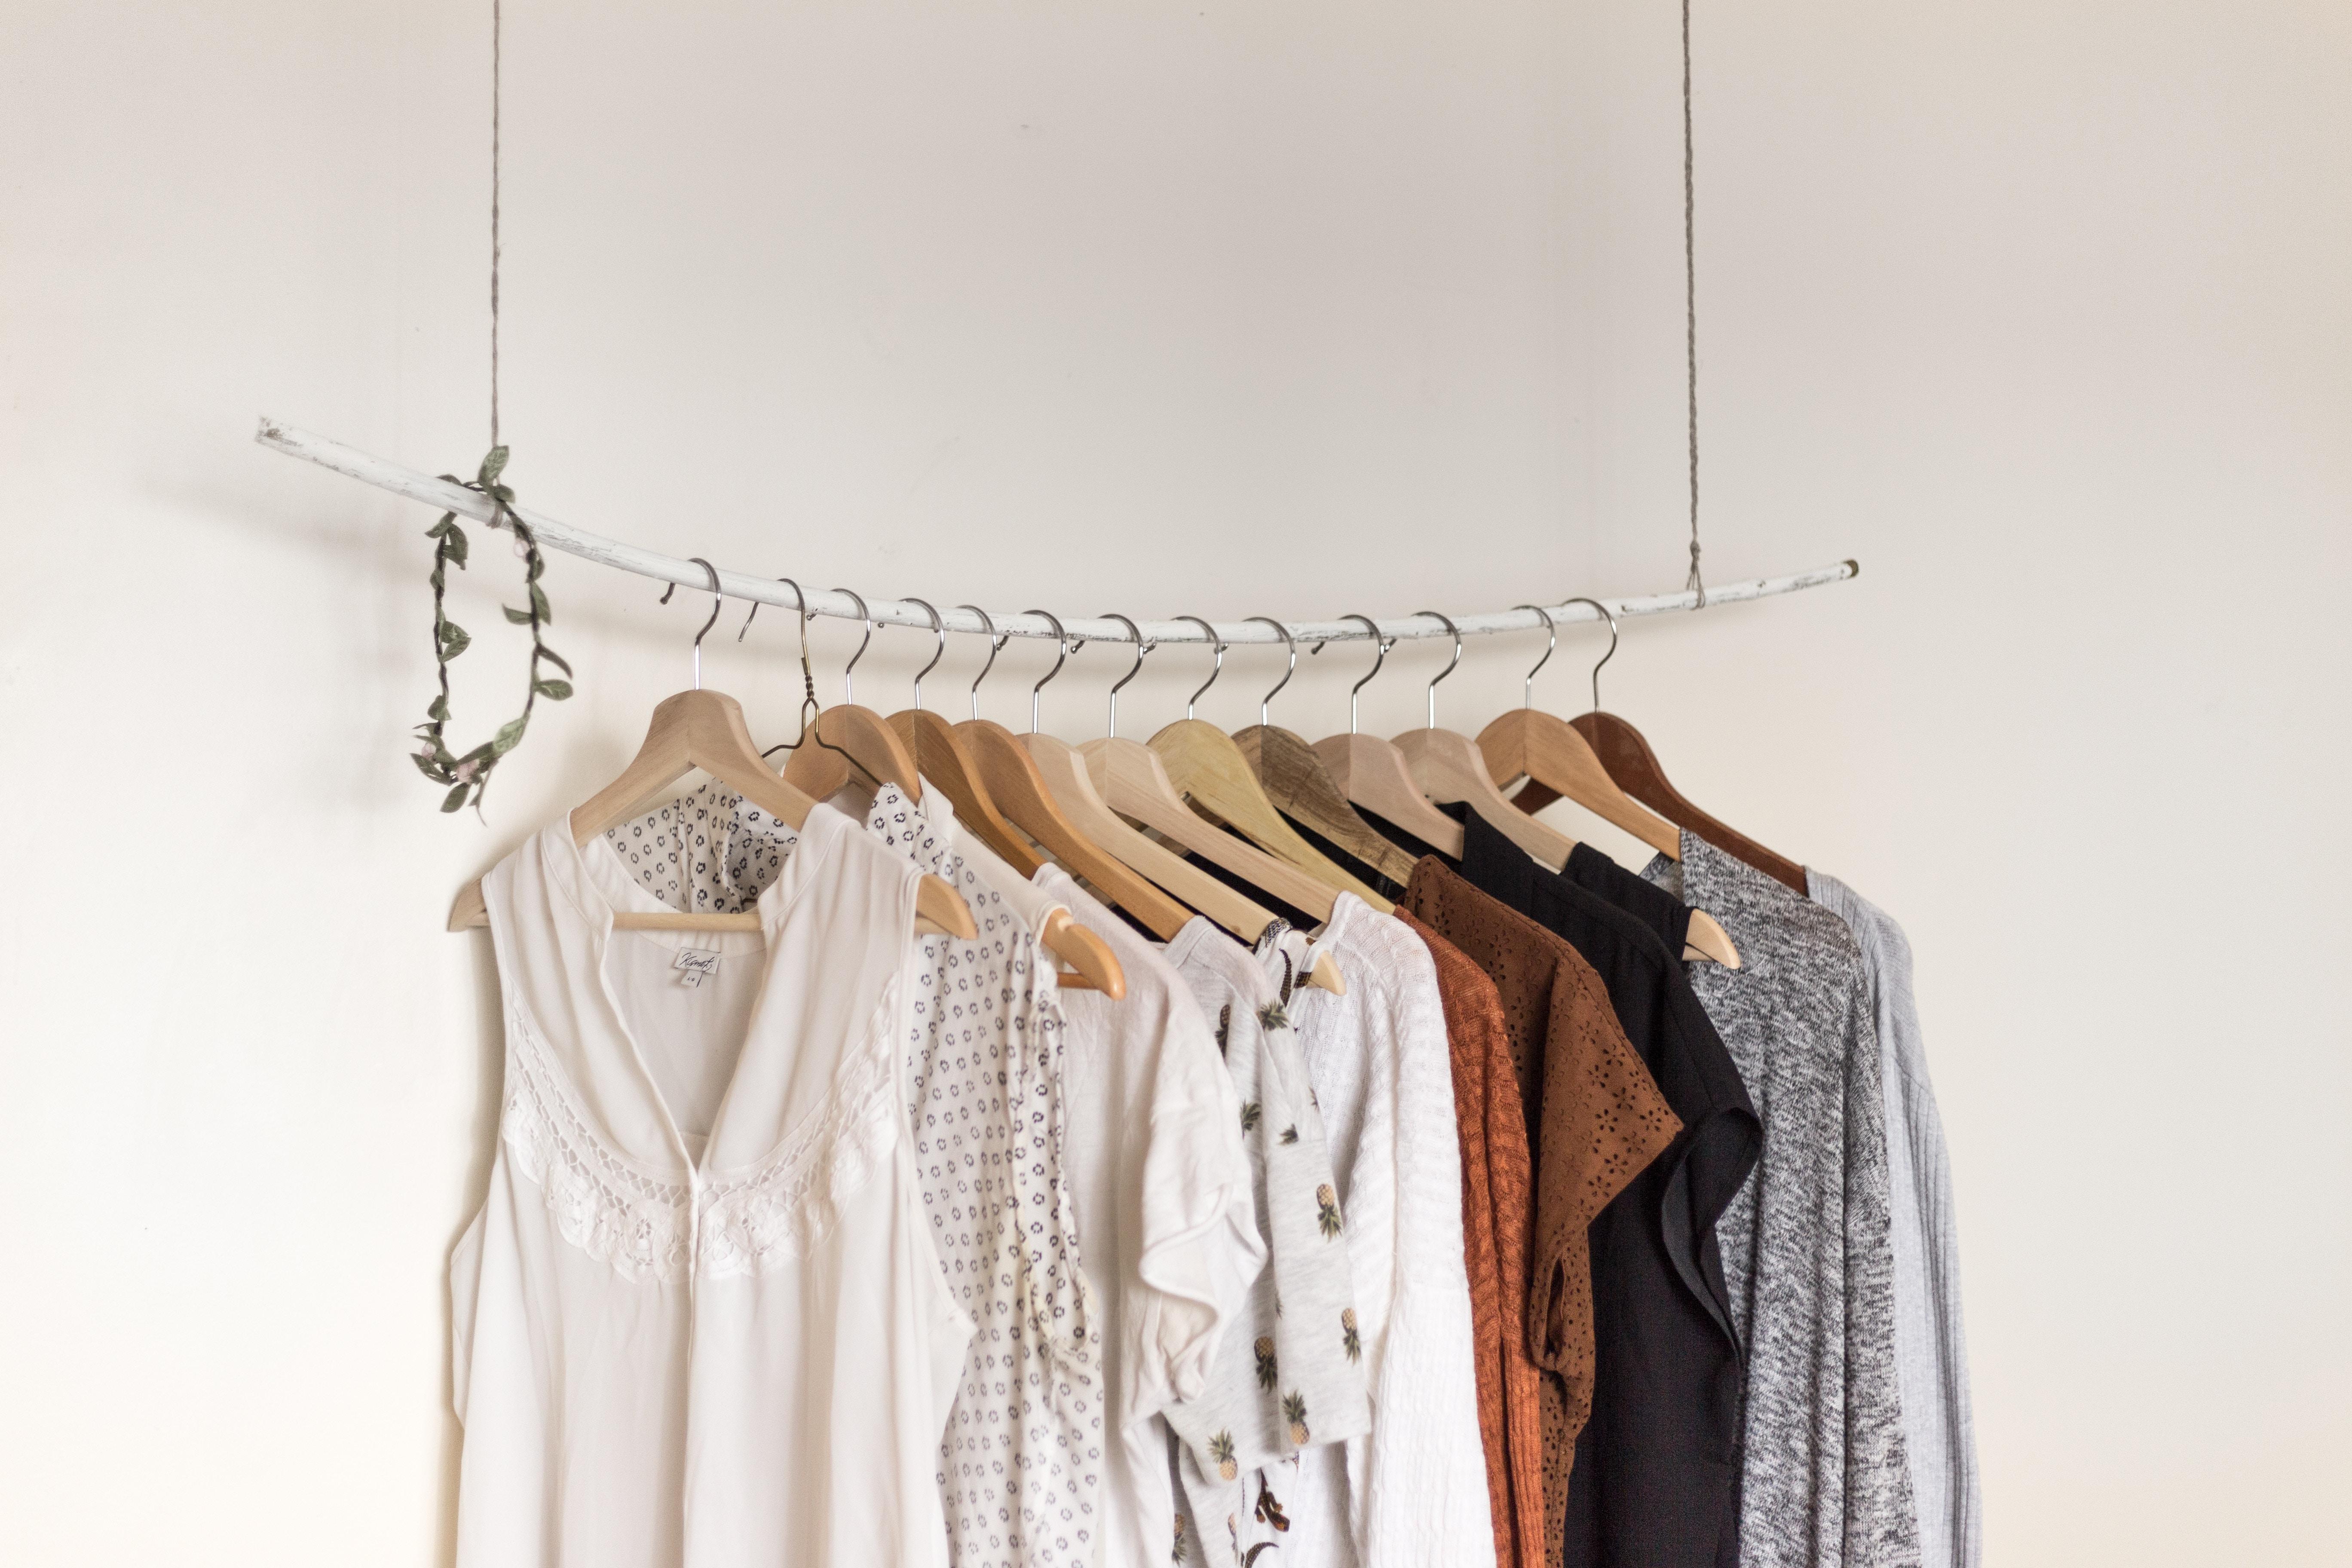 Übersicht im Kleiderschrank